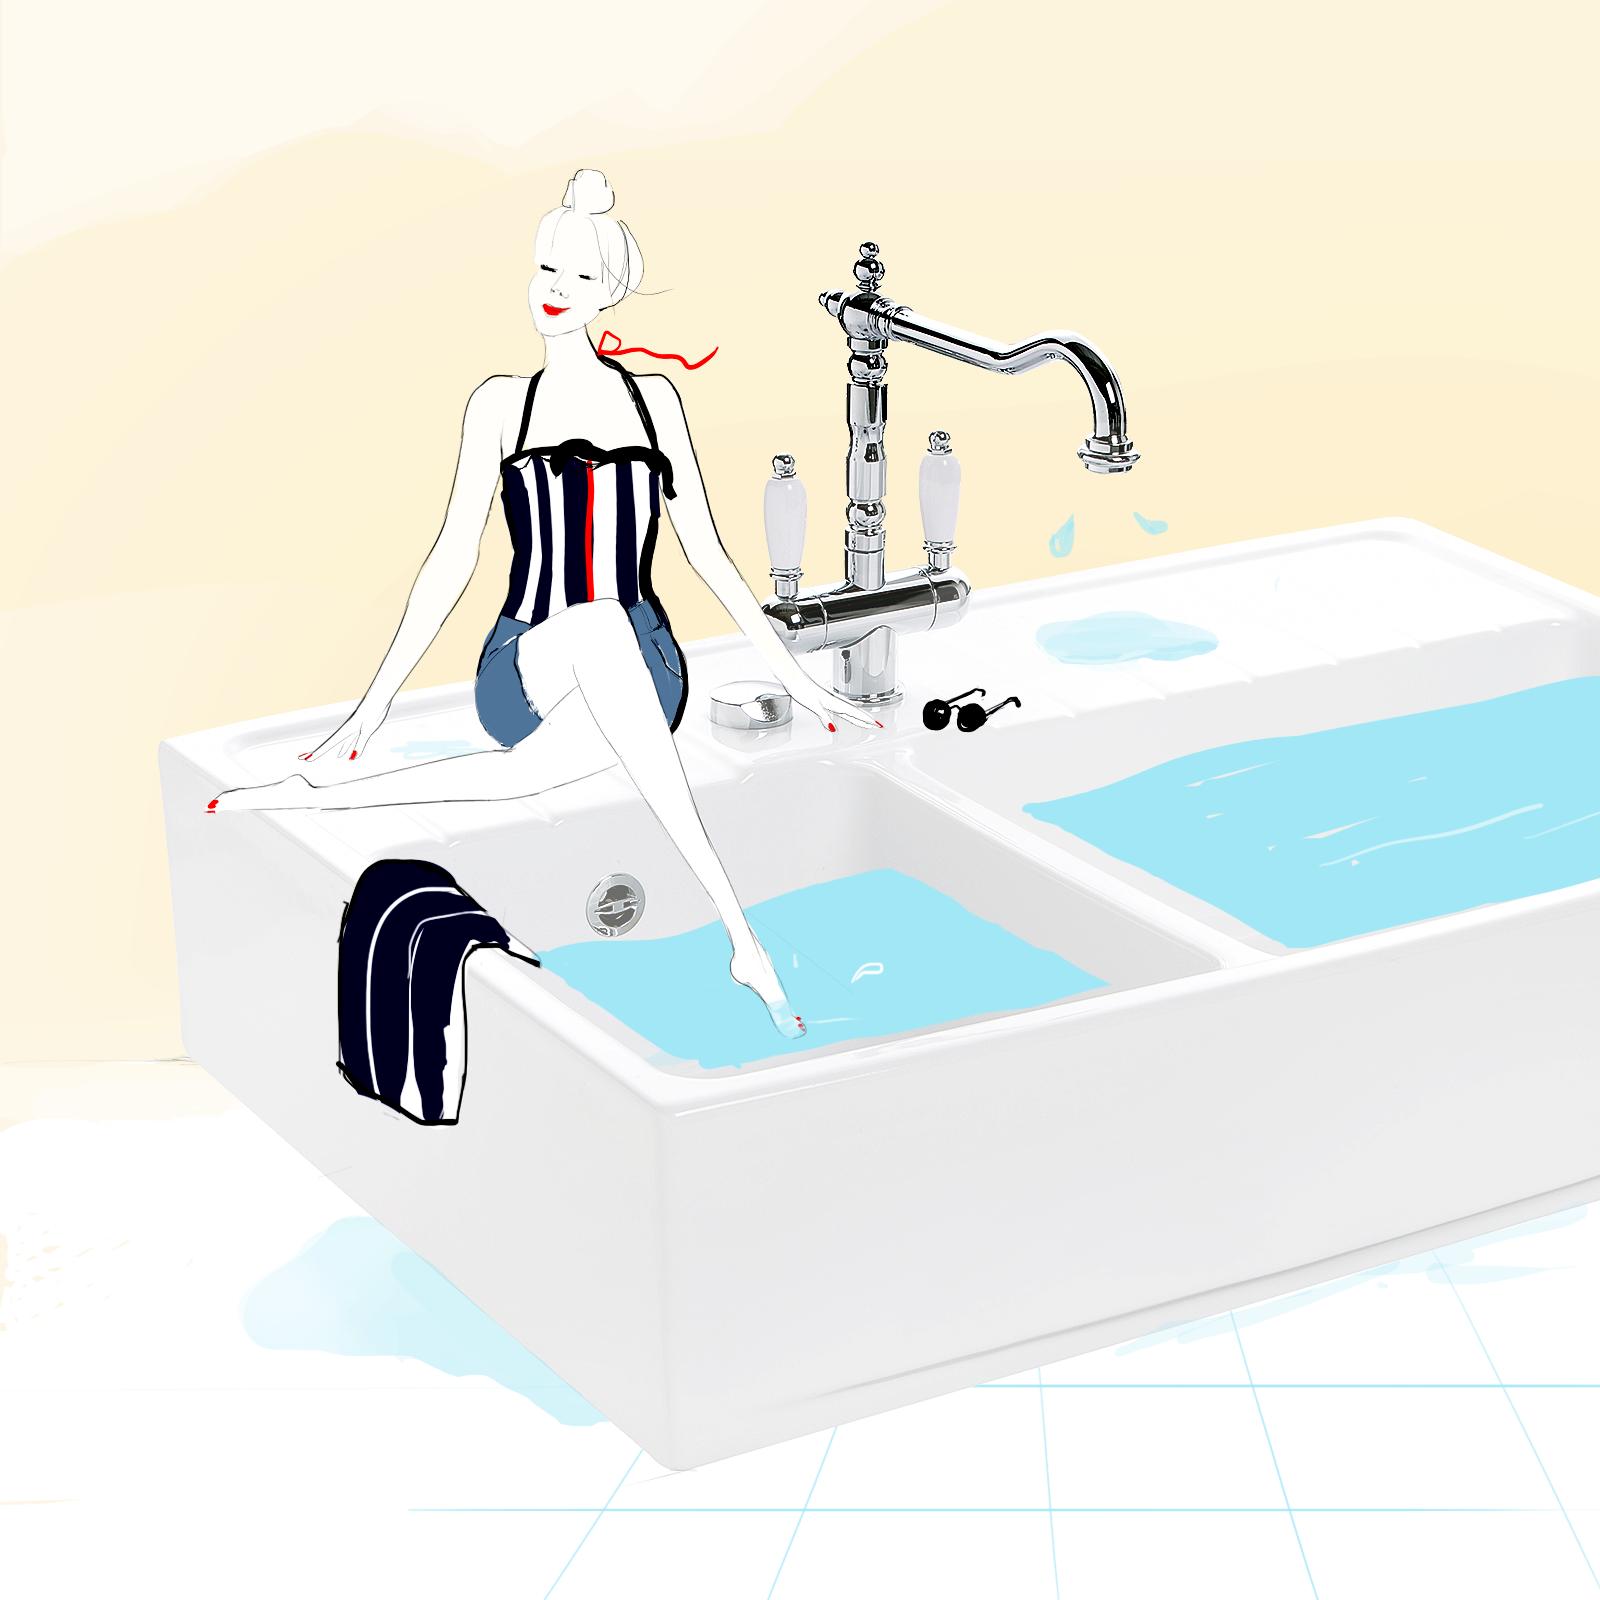 Illustration, graphisme, design graphique web pour l'équipement de cuisine Cuisissimo par Margot Changeon